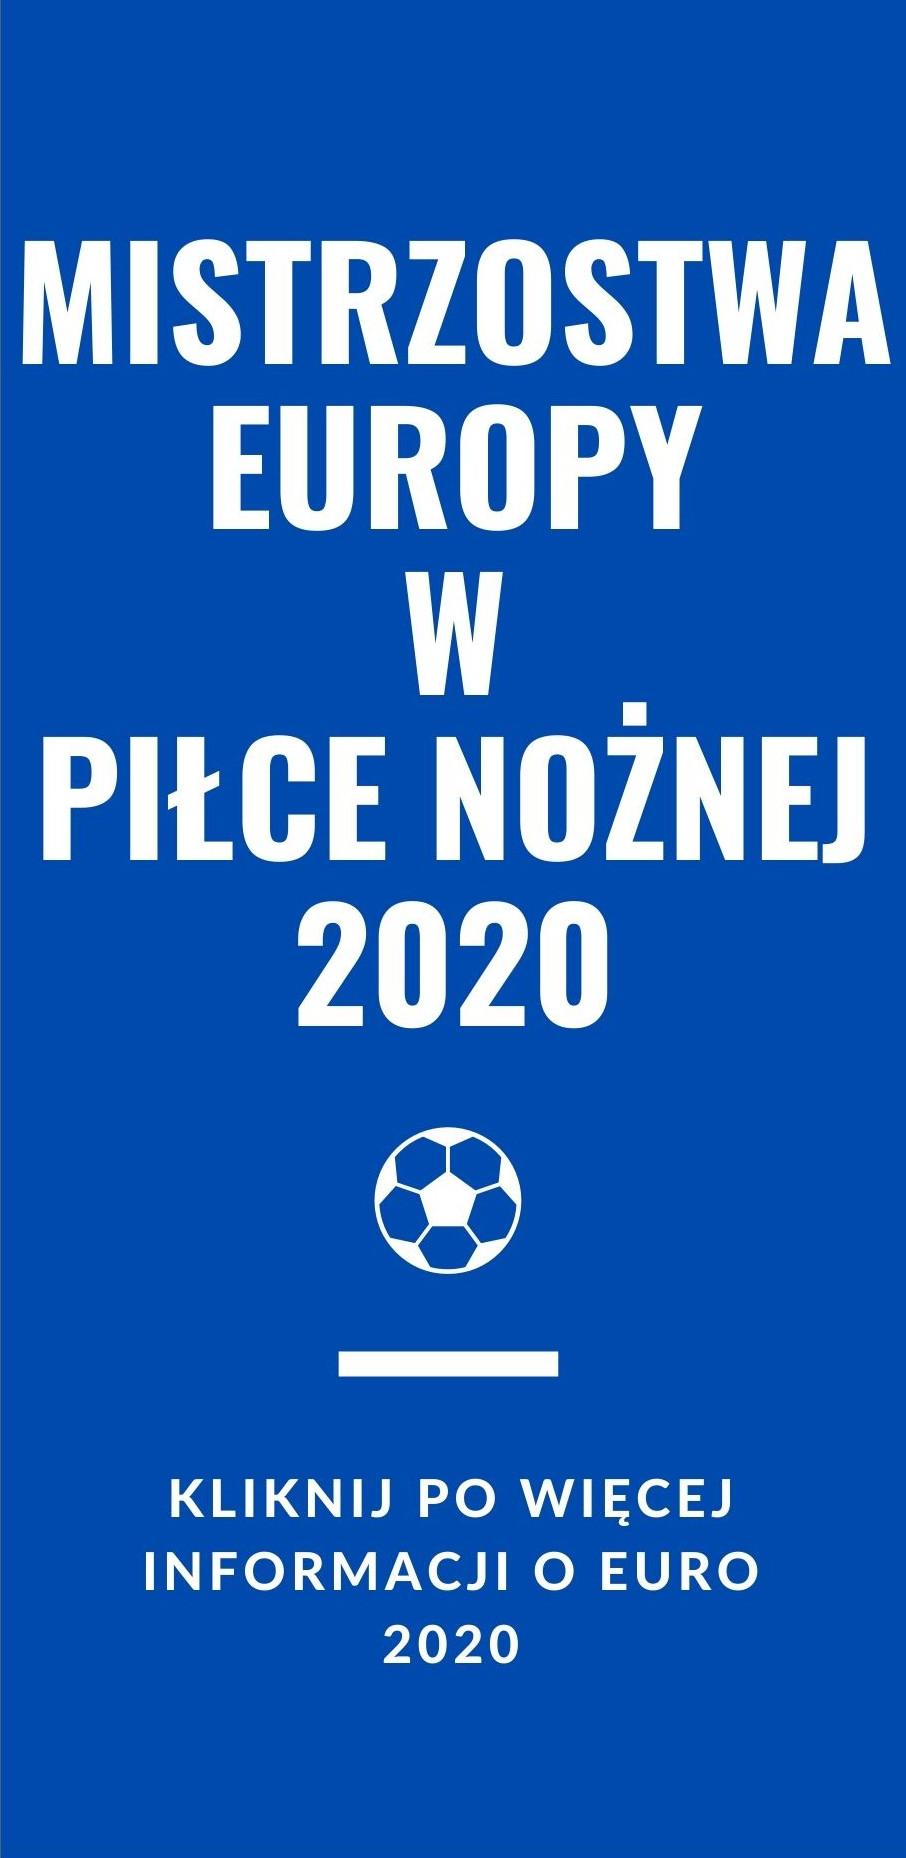 Mistrzostwa Europy w Piłce Nożnej 2020